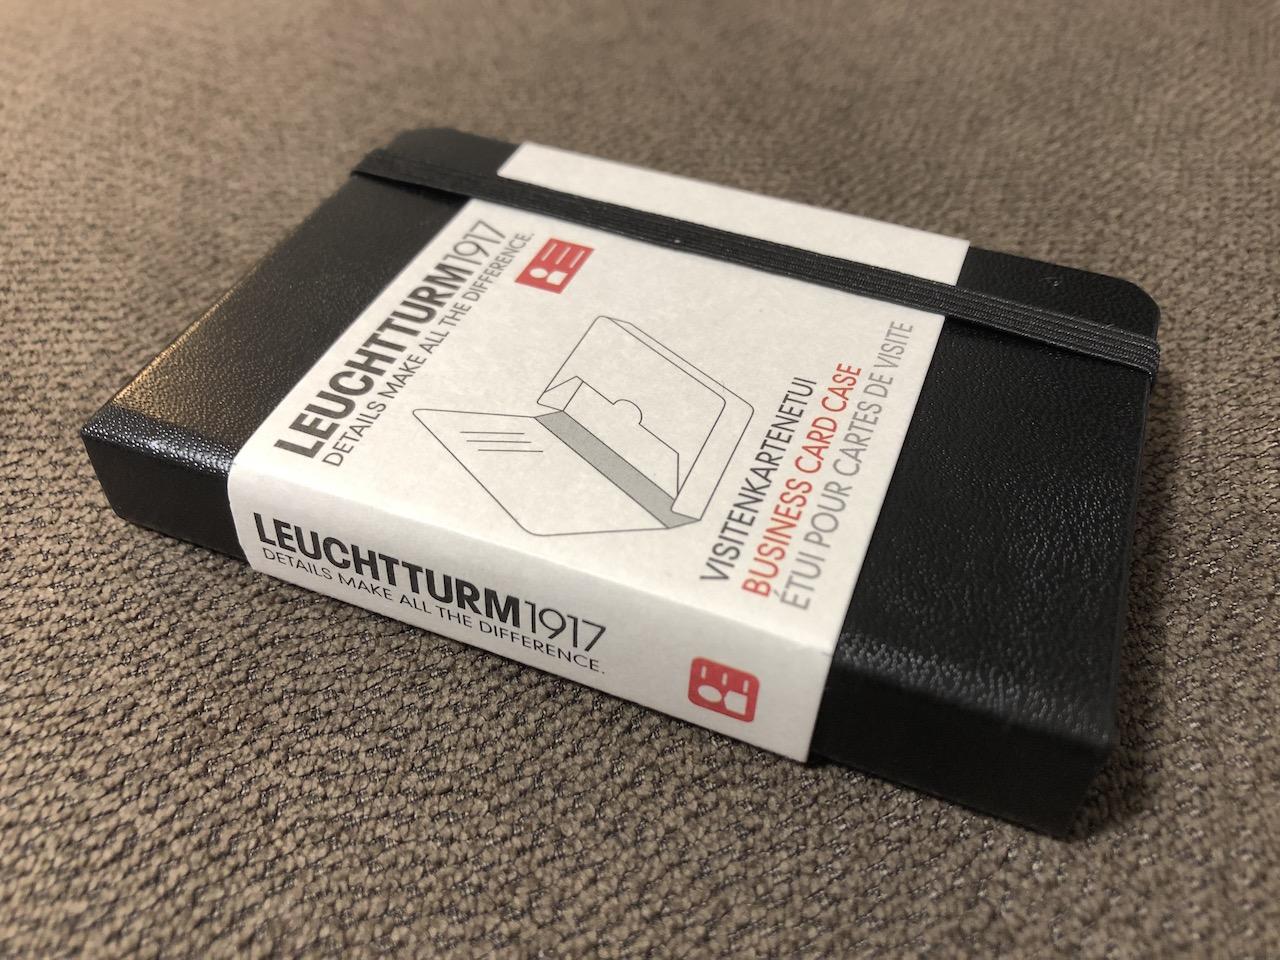 ロイヒトトゥルム1917のビジネスカードケース